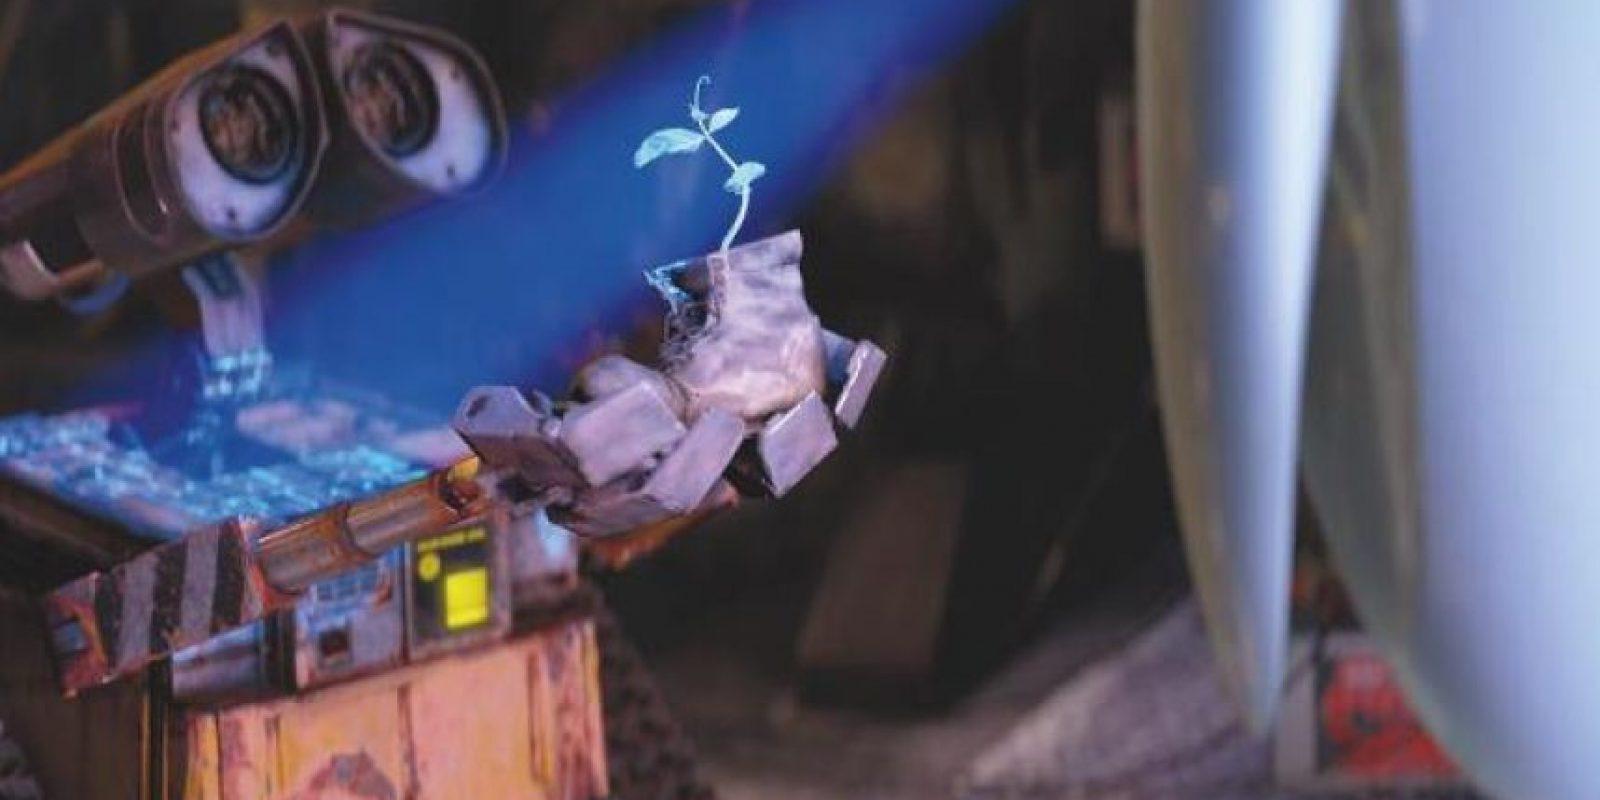 Además de ser el año en que celebrarán el vigésimo aniversario de la primera cinta de Toy Story, en 2015 los estudios liderados por Edwin Catmull, John Lasseter y Jim Morris presentarán dos nuevos proyectos y una secuela de una de sus franquicias más queridas. Foto:Facebook/Pixar